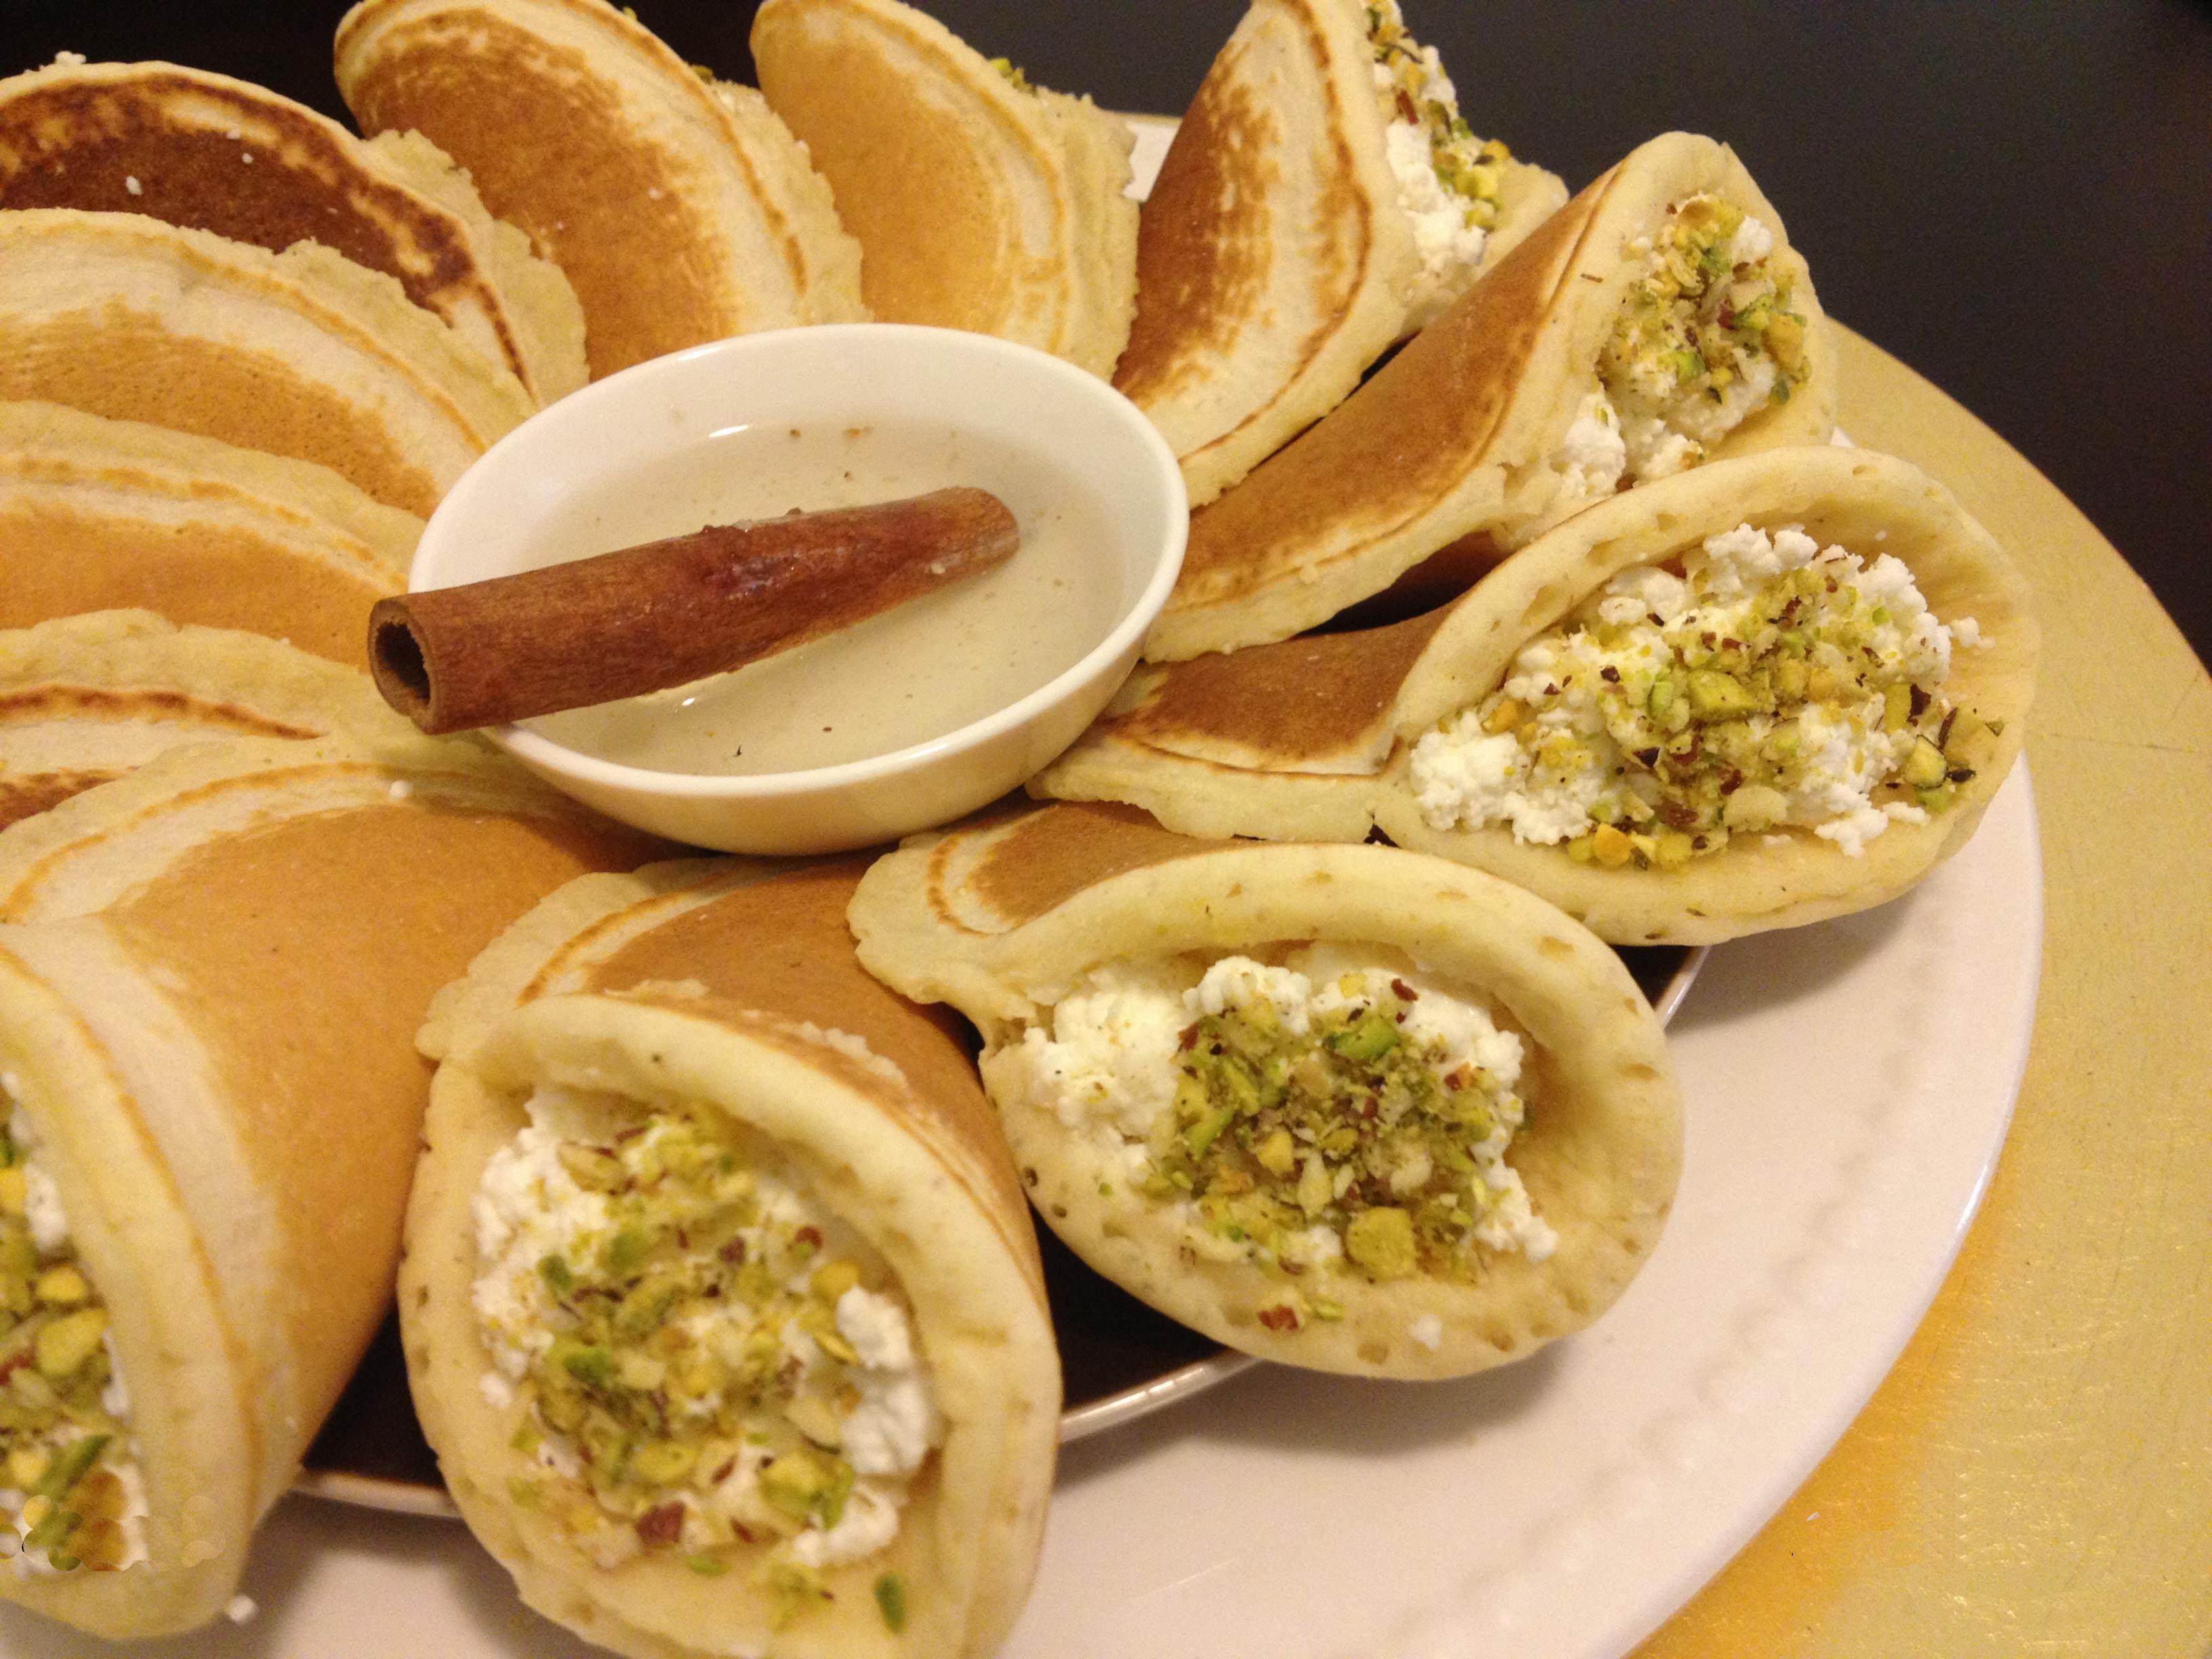 القطايف هي حلوى عربية معروفة في بلاد الشام ومصر و تونس ولها شعبية خاصة في شهر رمضان حيث يكثر تناولها بعد الإفطار وخلال وجبة الإفطار عند البعض وقبل وجبة الإفطا